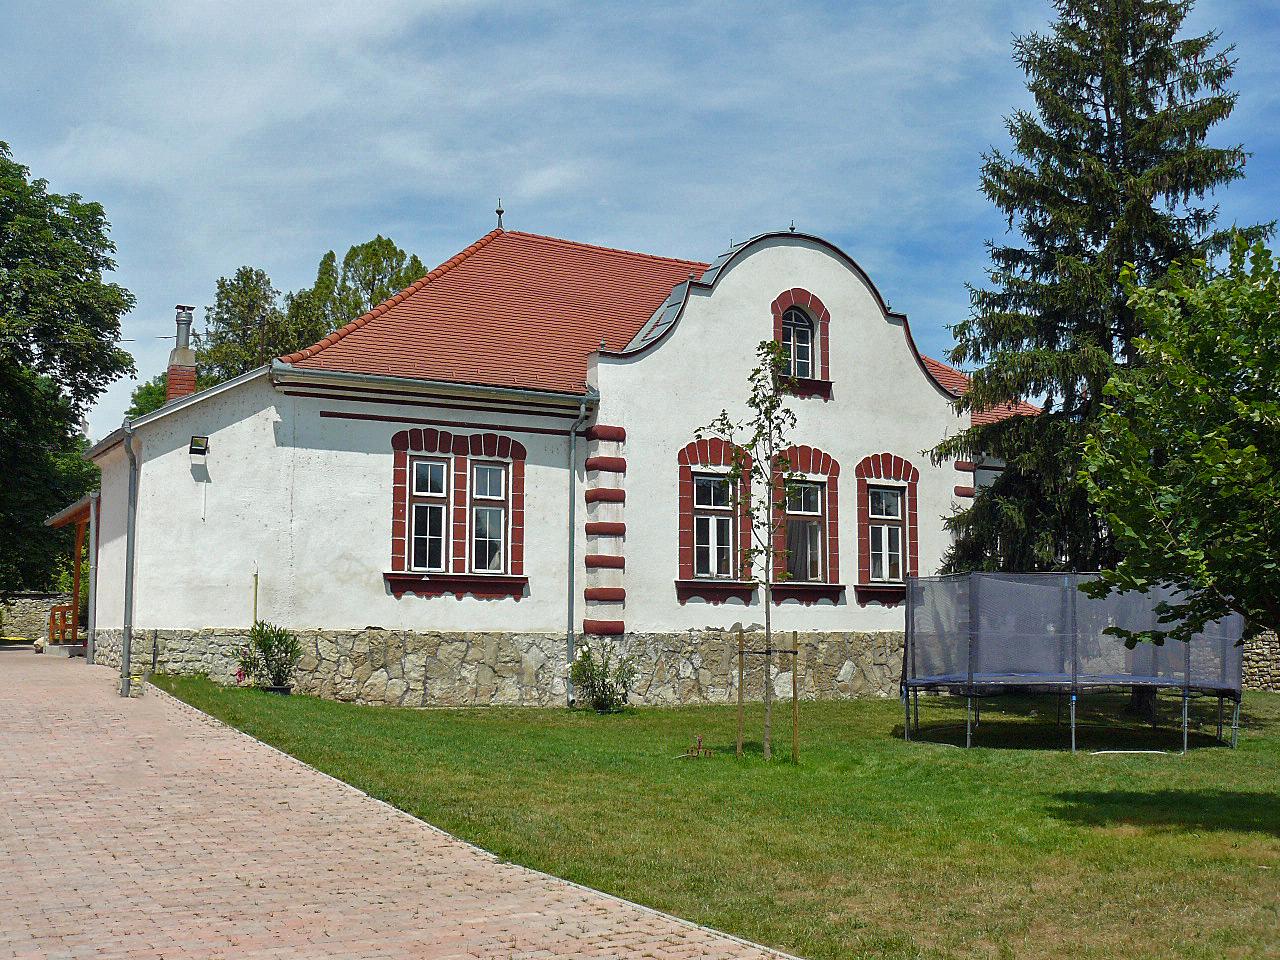 Het cultuurhuis met een openluchtbioscoop